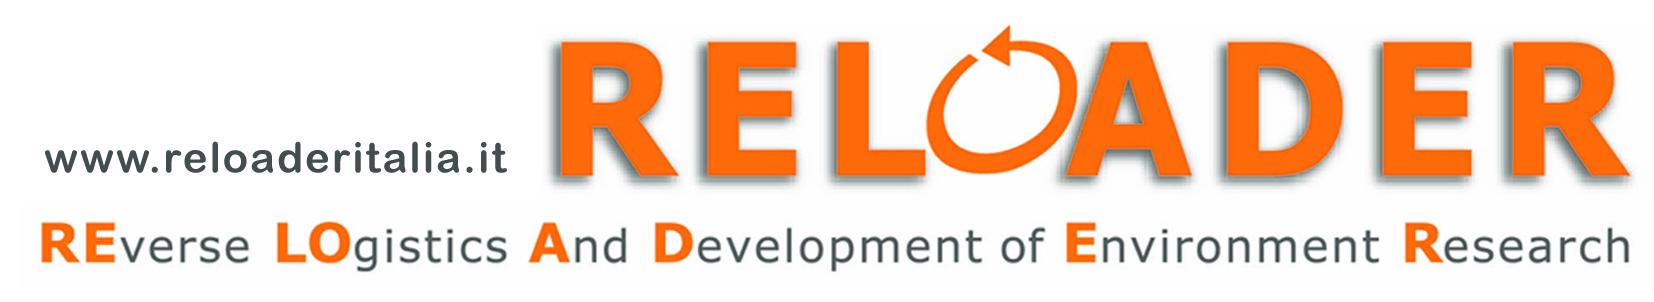 Reloader Italia | La Piattaforma Tecnologica Italiana per la Reverse Logistics, lo Sviluppo Sostenibile e un'Economia Circolare